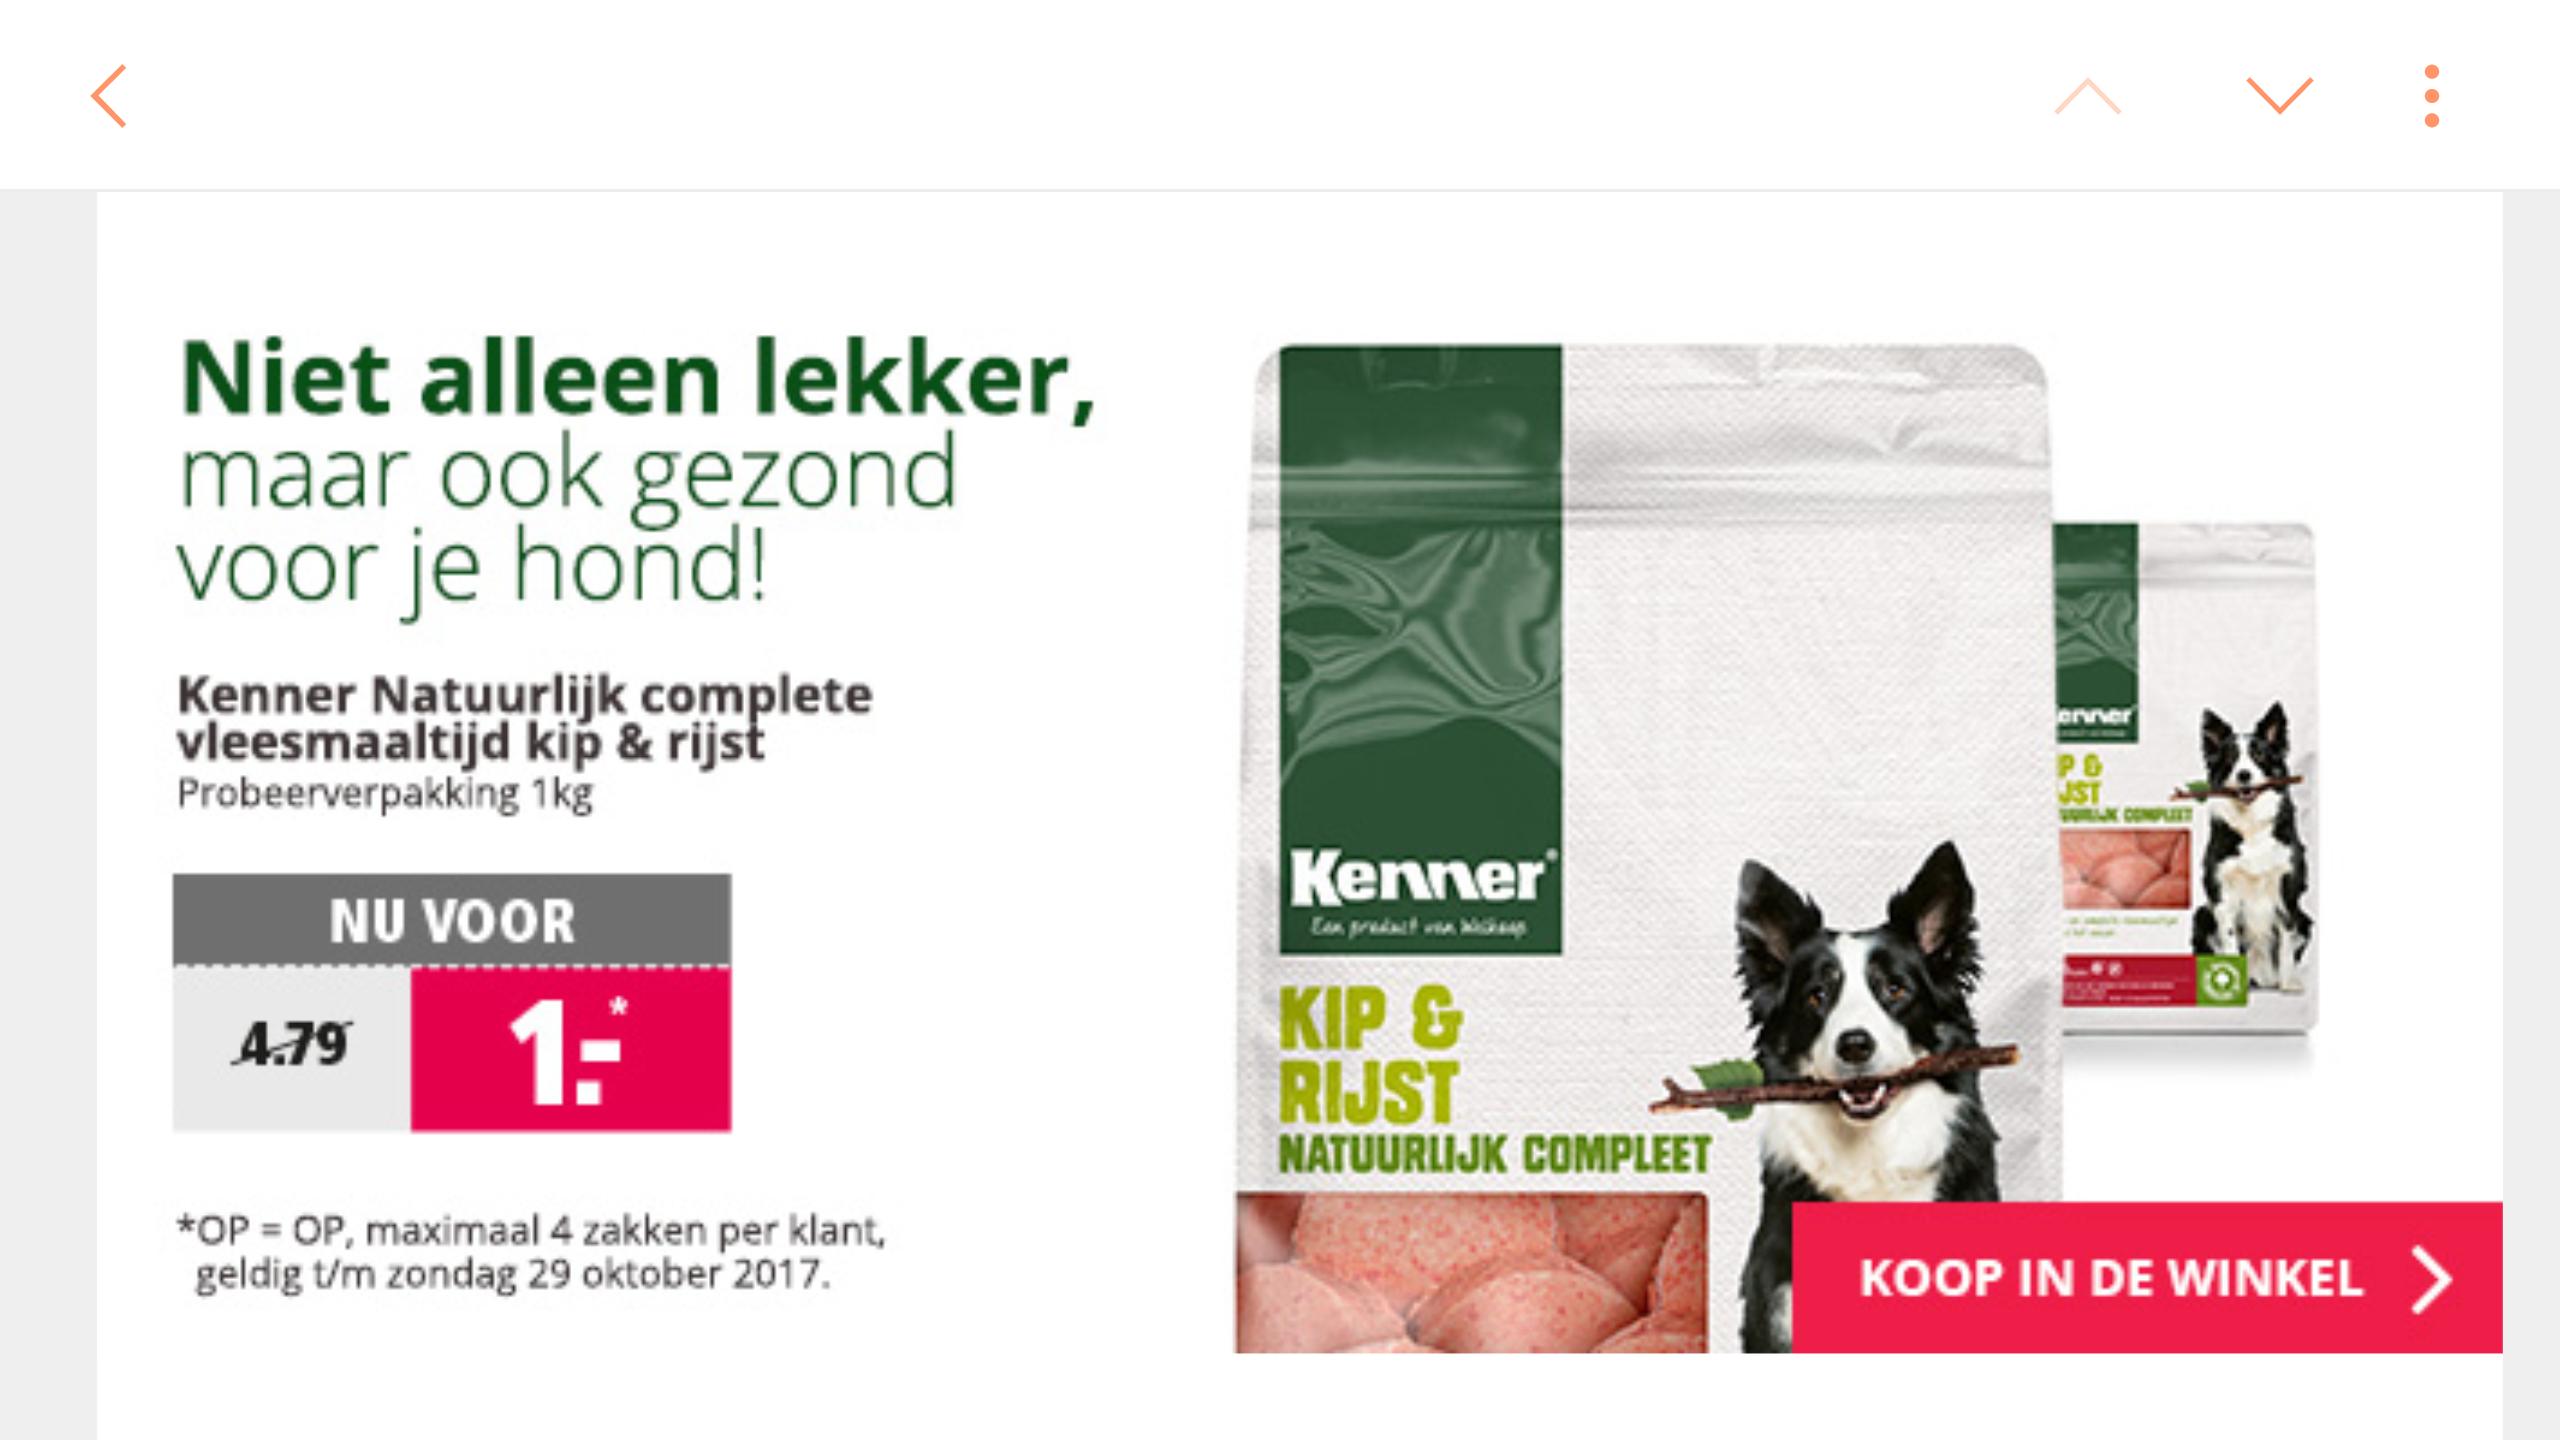 {WELKOOP} Kenner vleesmaaltijd kip&rijst 1kg voor hond